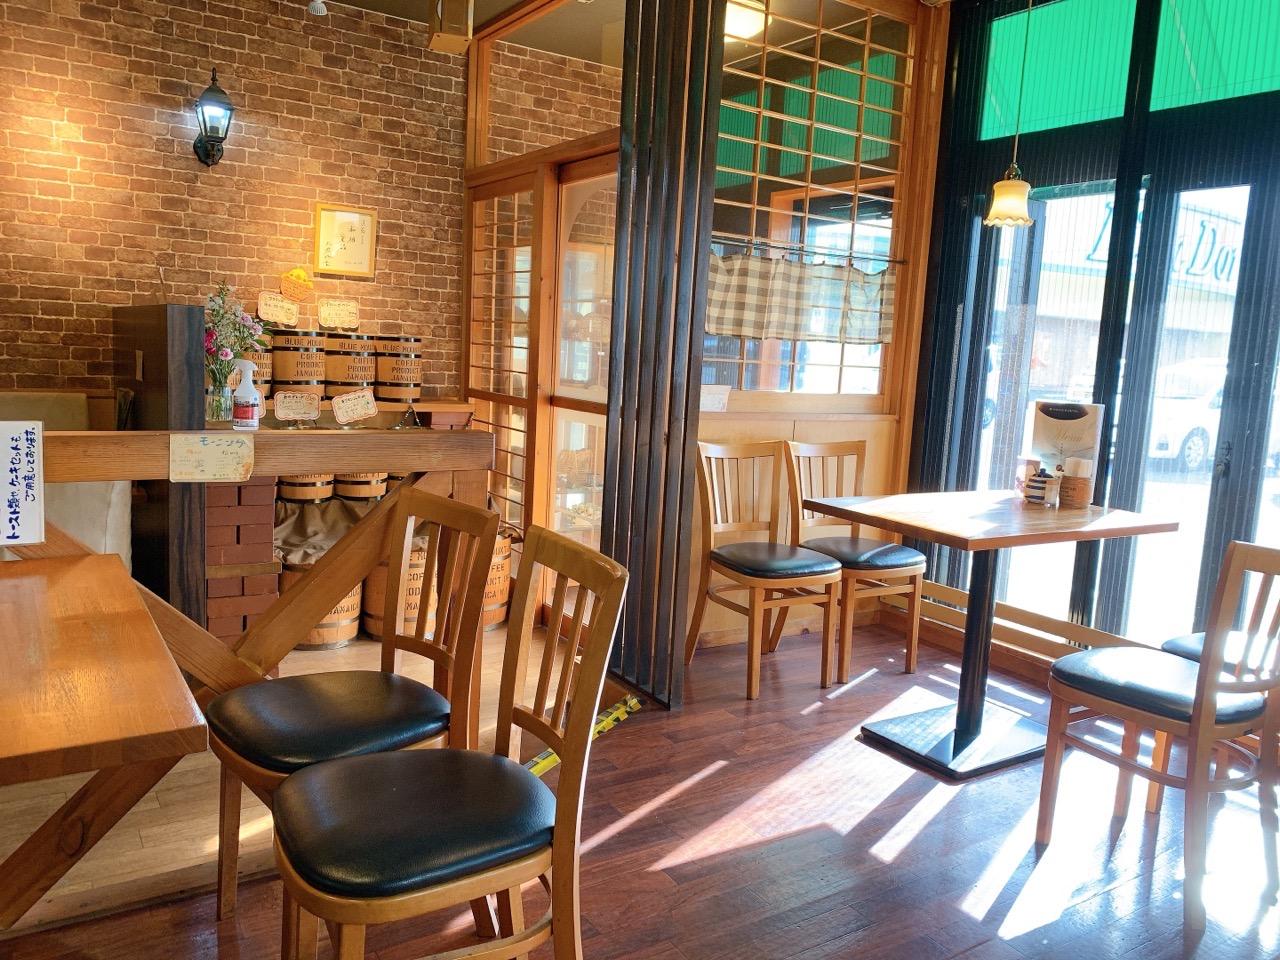 まとめ:珈琲館 mai 寺尾店のたまごチーズトーストとコーヒーは安くて絶品だった!